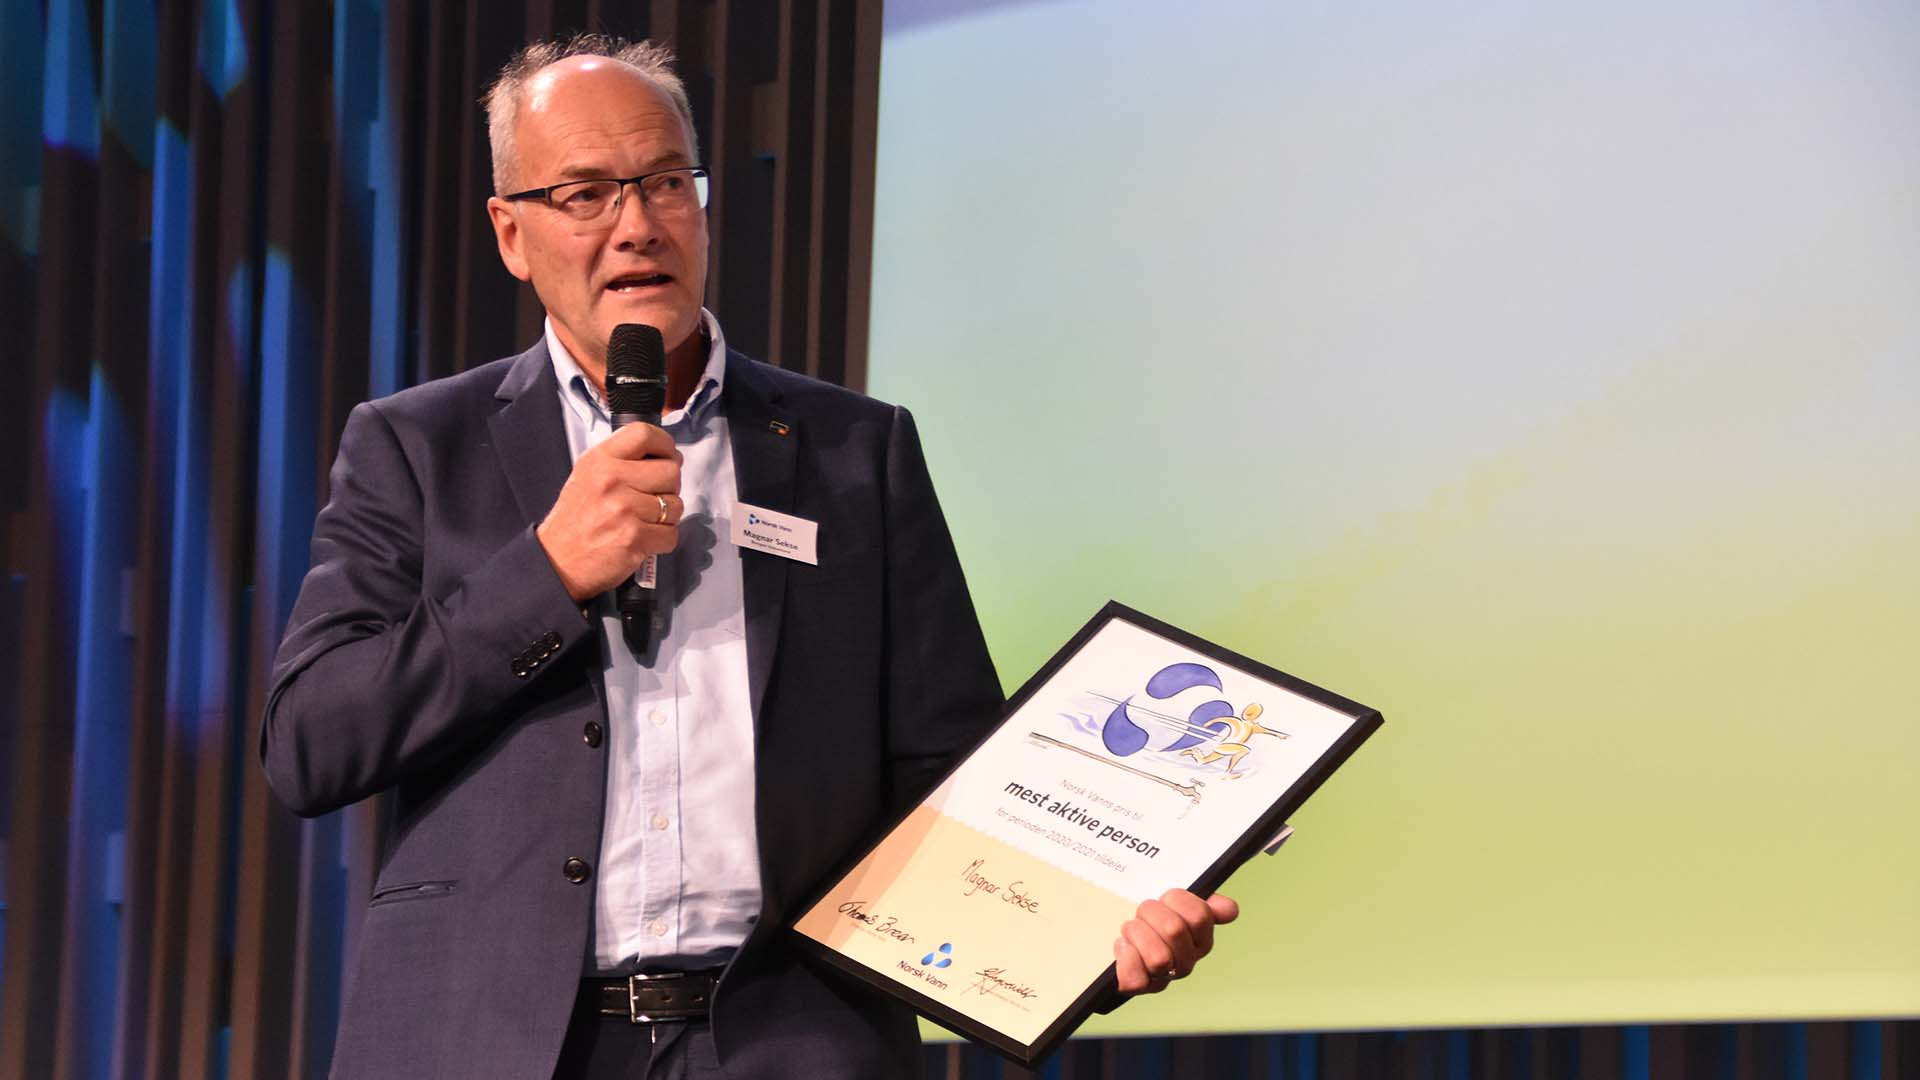 Magnar Sekse mottar Norsk Vanns pris for mest aktive medlem